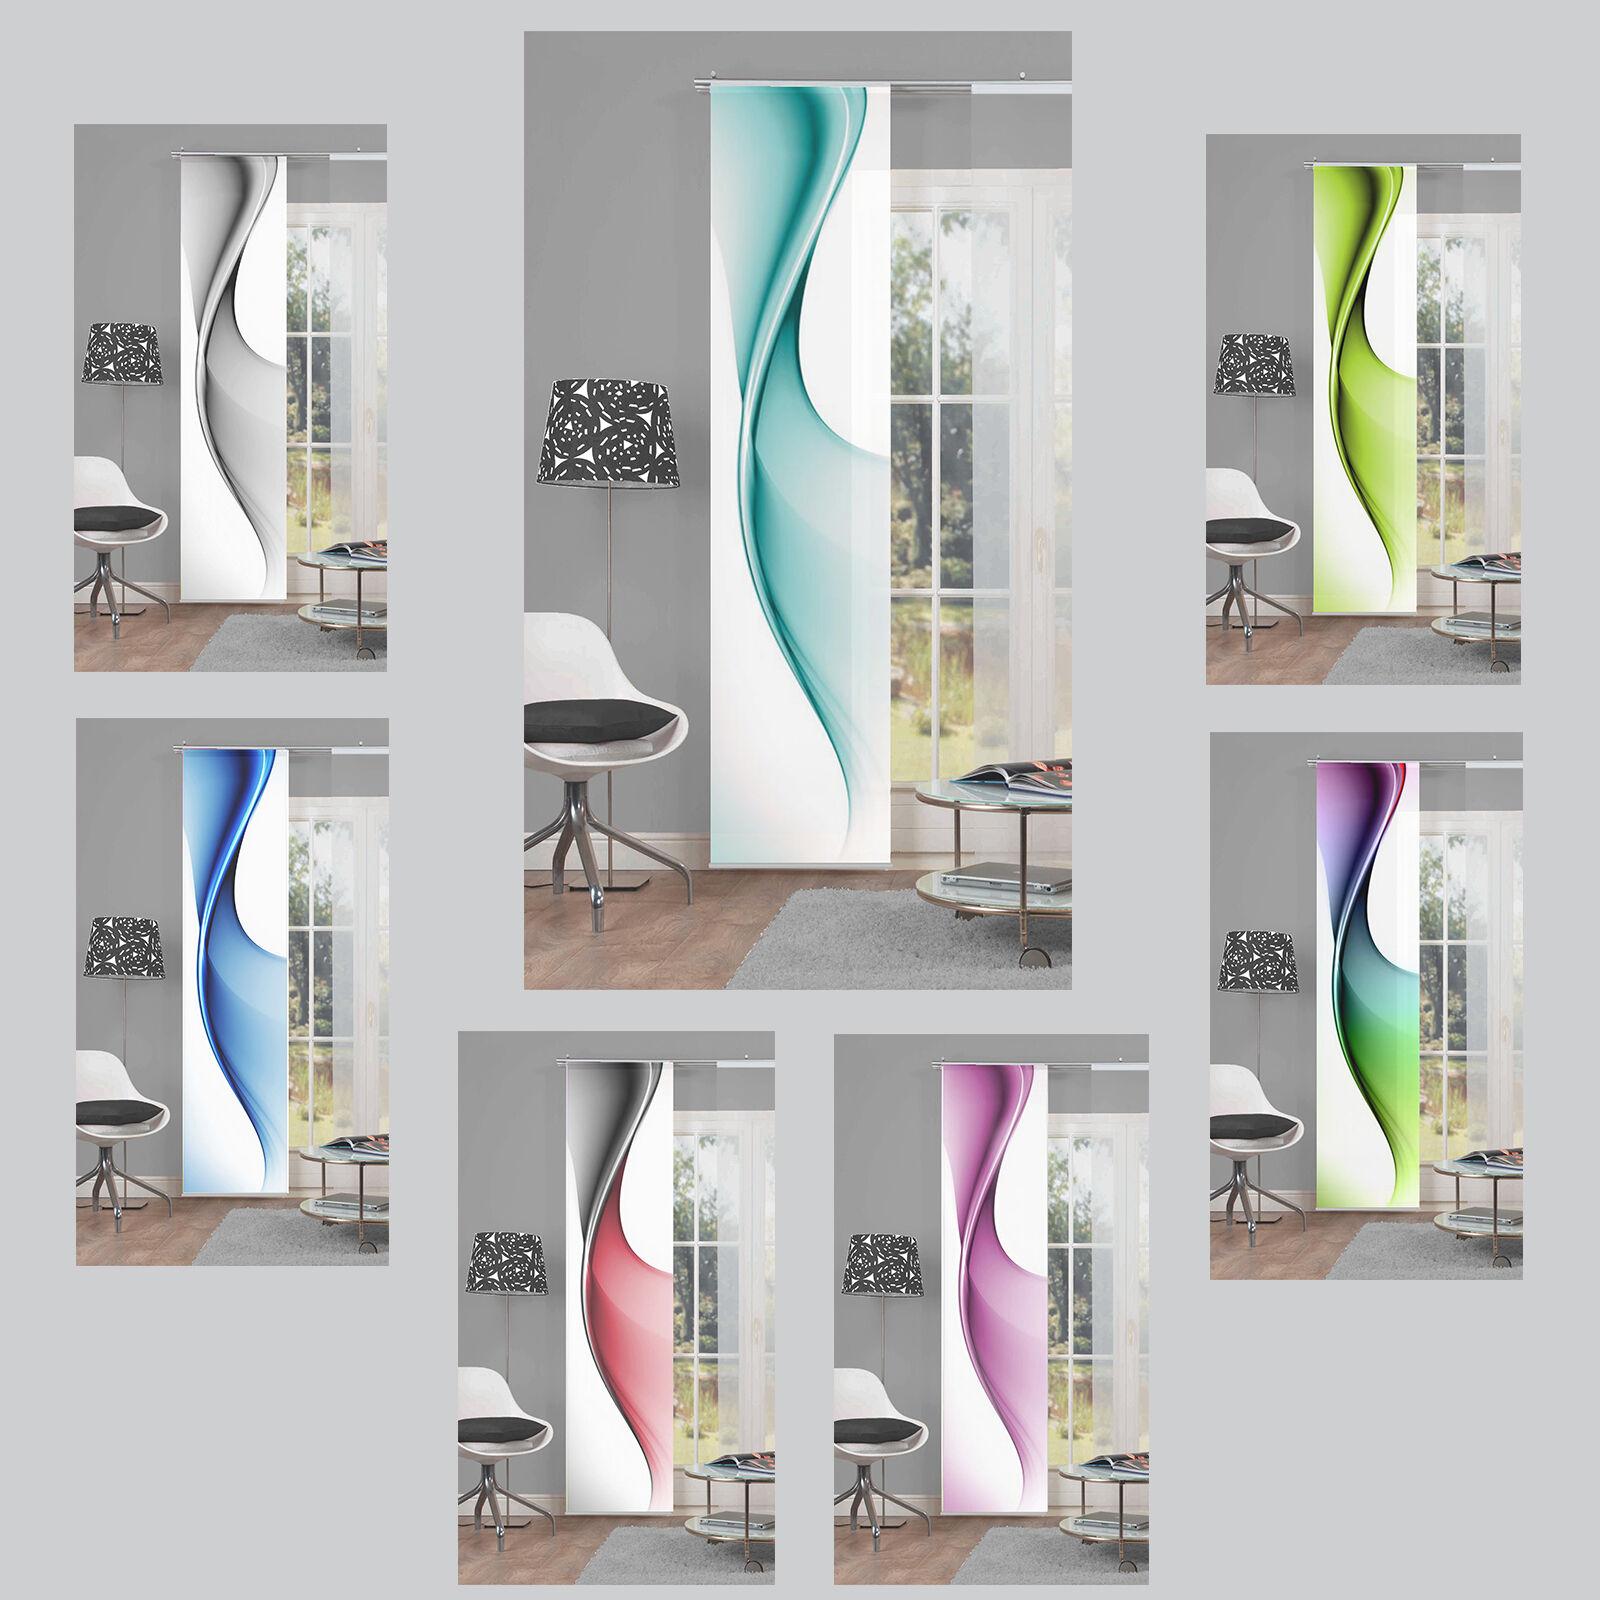 bristol welle graphisch abstrakt schiebevorhang raumteiler digital home wohnidee ebay. Black Bedroom Furniture Sets. Home Design Ideas